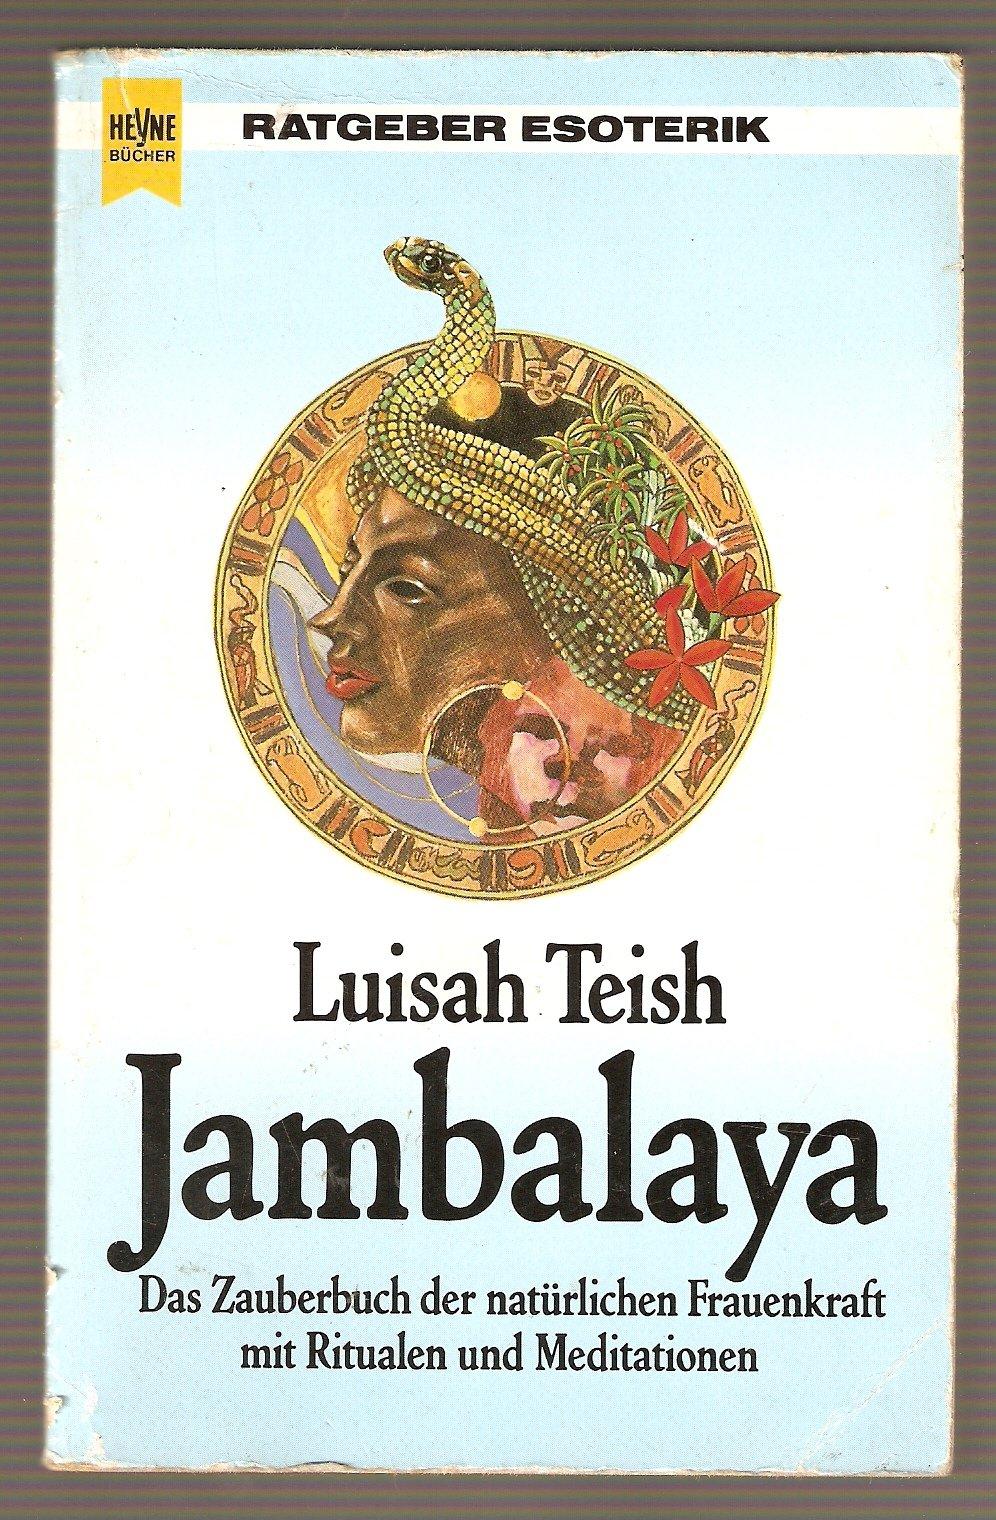 Jambalaya - Das Zauberbuch der natürlichen Frauenkraft mit Ritualen und Meditationen